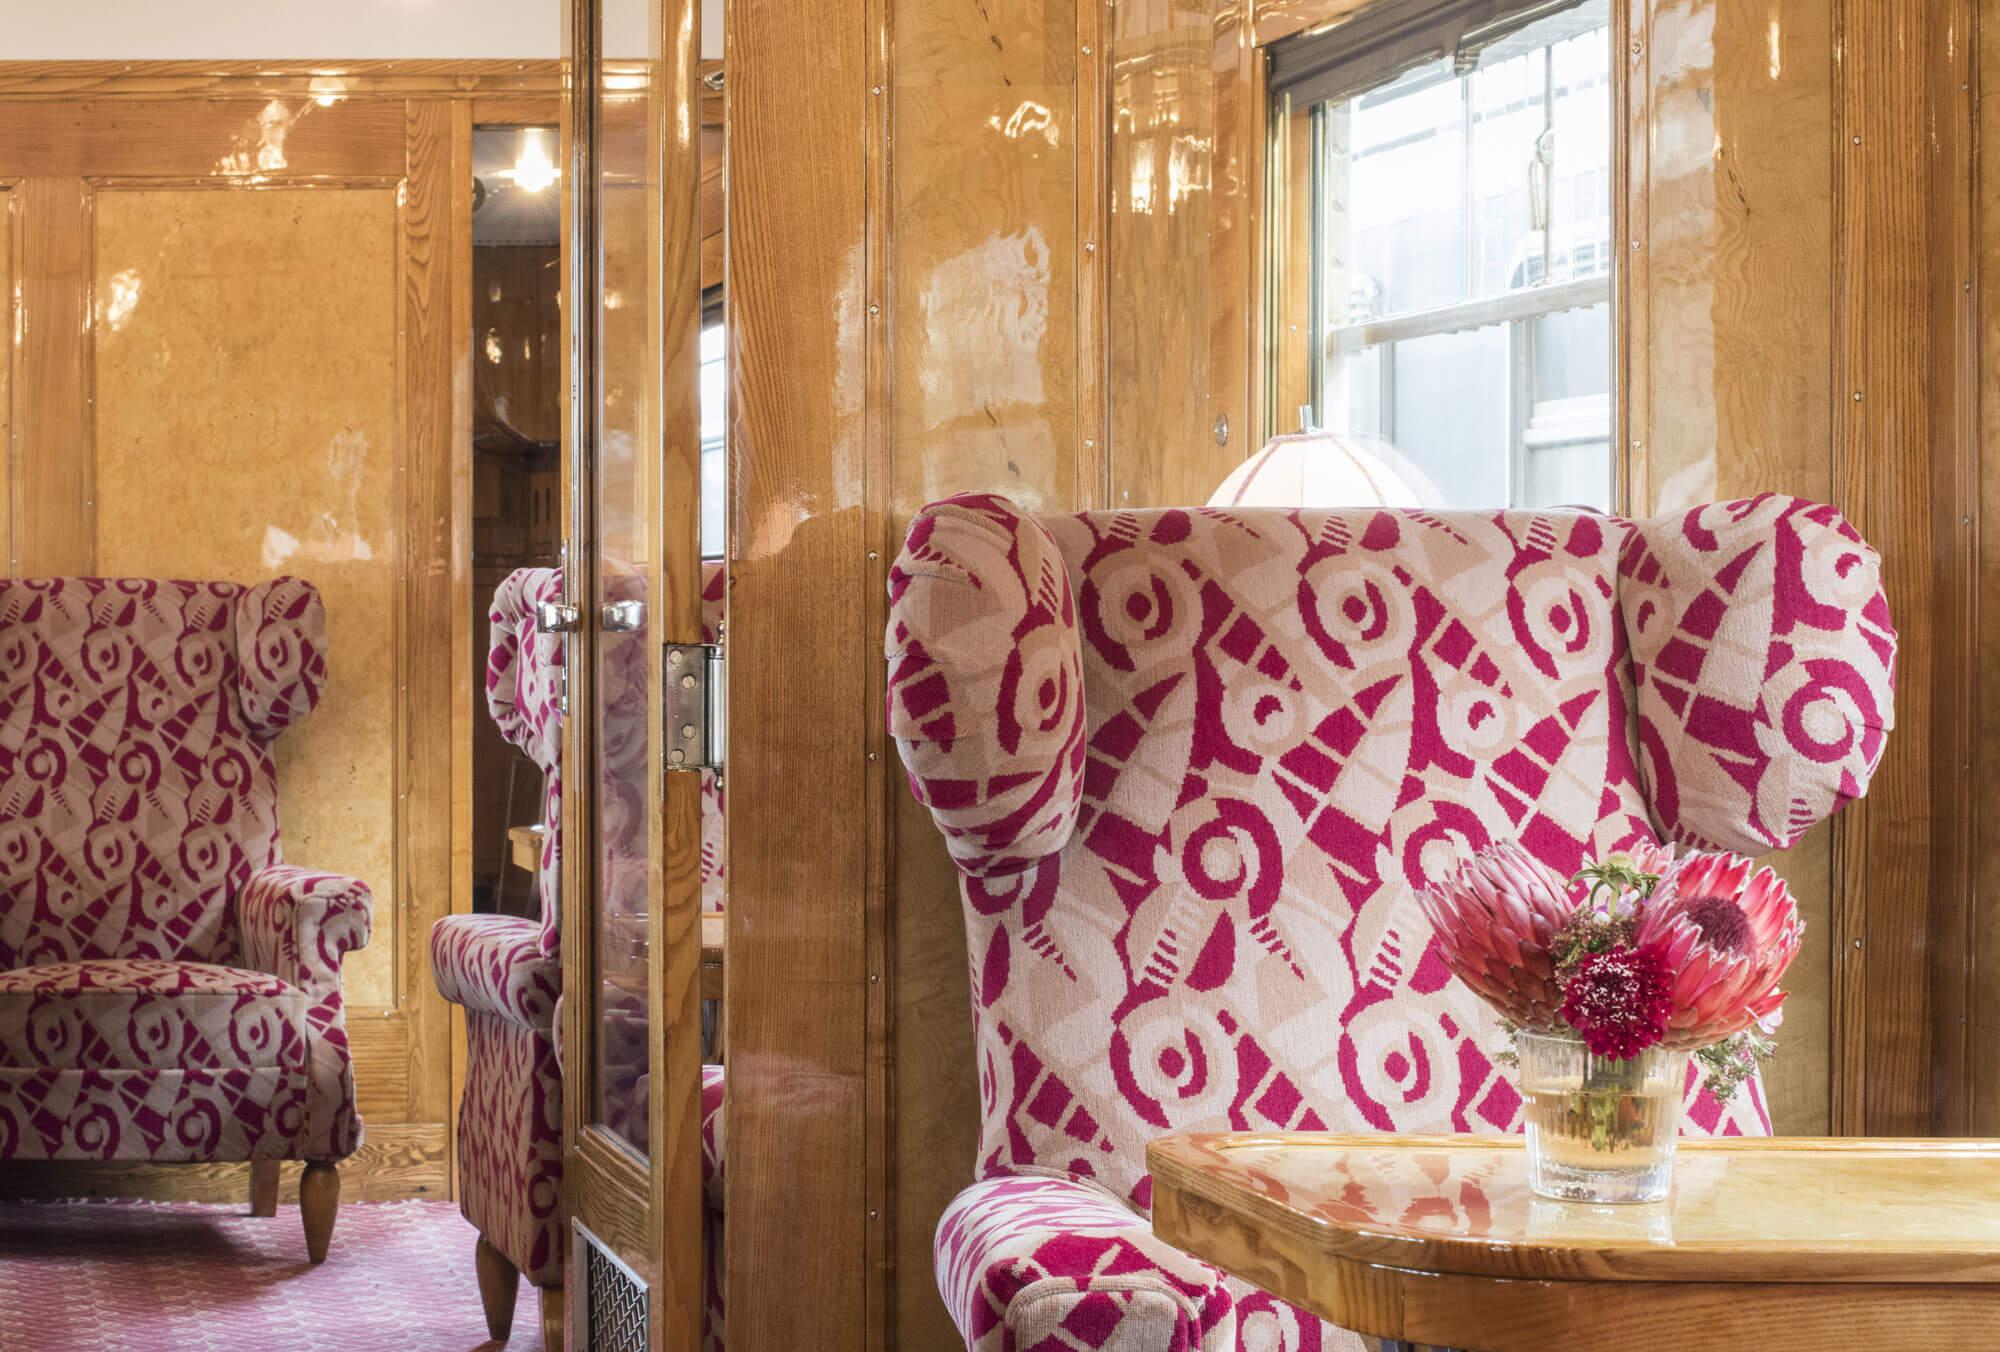 intérieur du train orient express, motif des années 20 dessiné par le designer Art déco René Prou